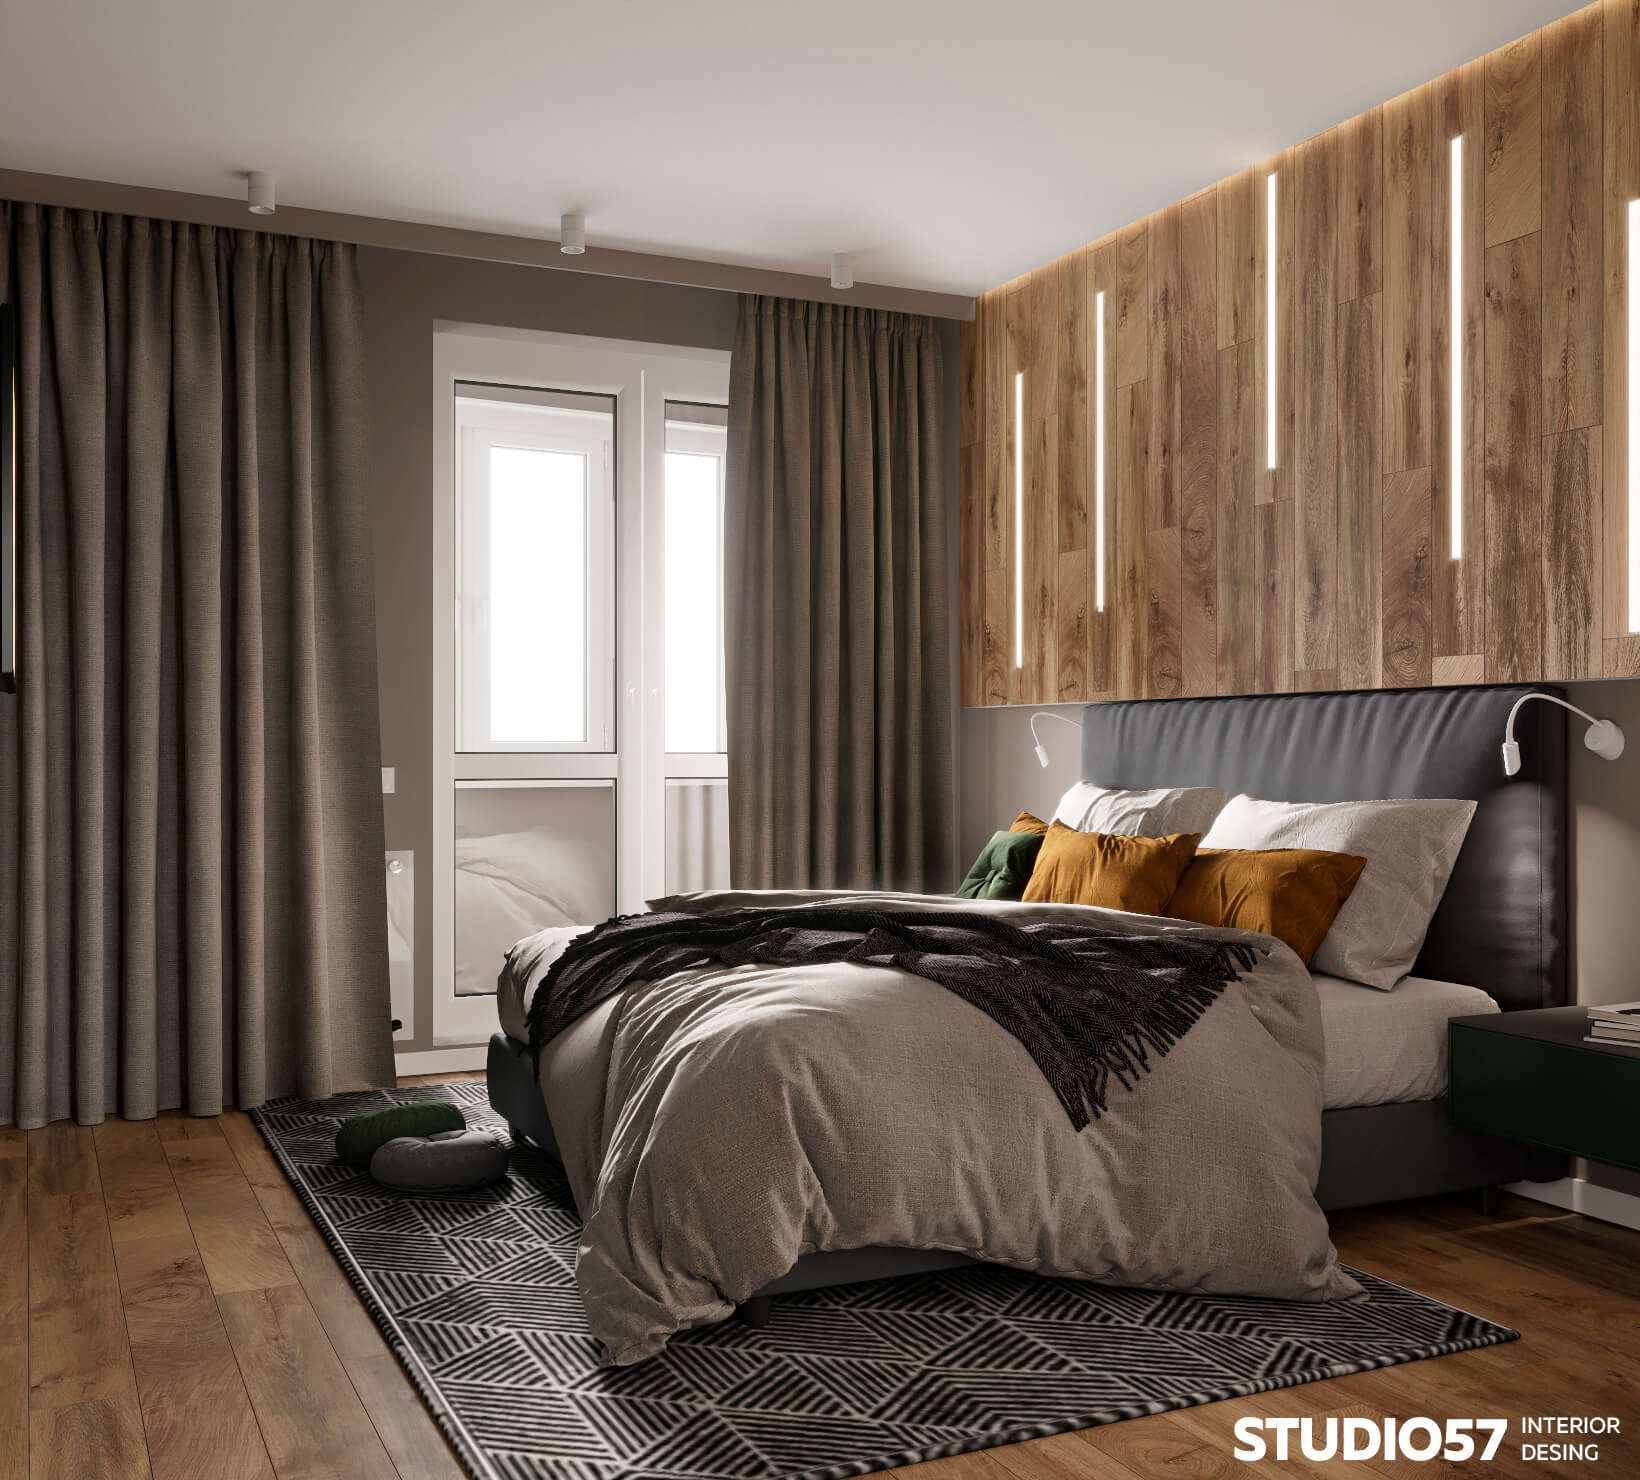 оформление окон шторами в спальне